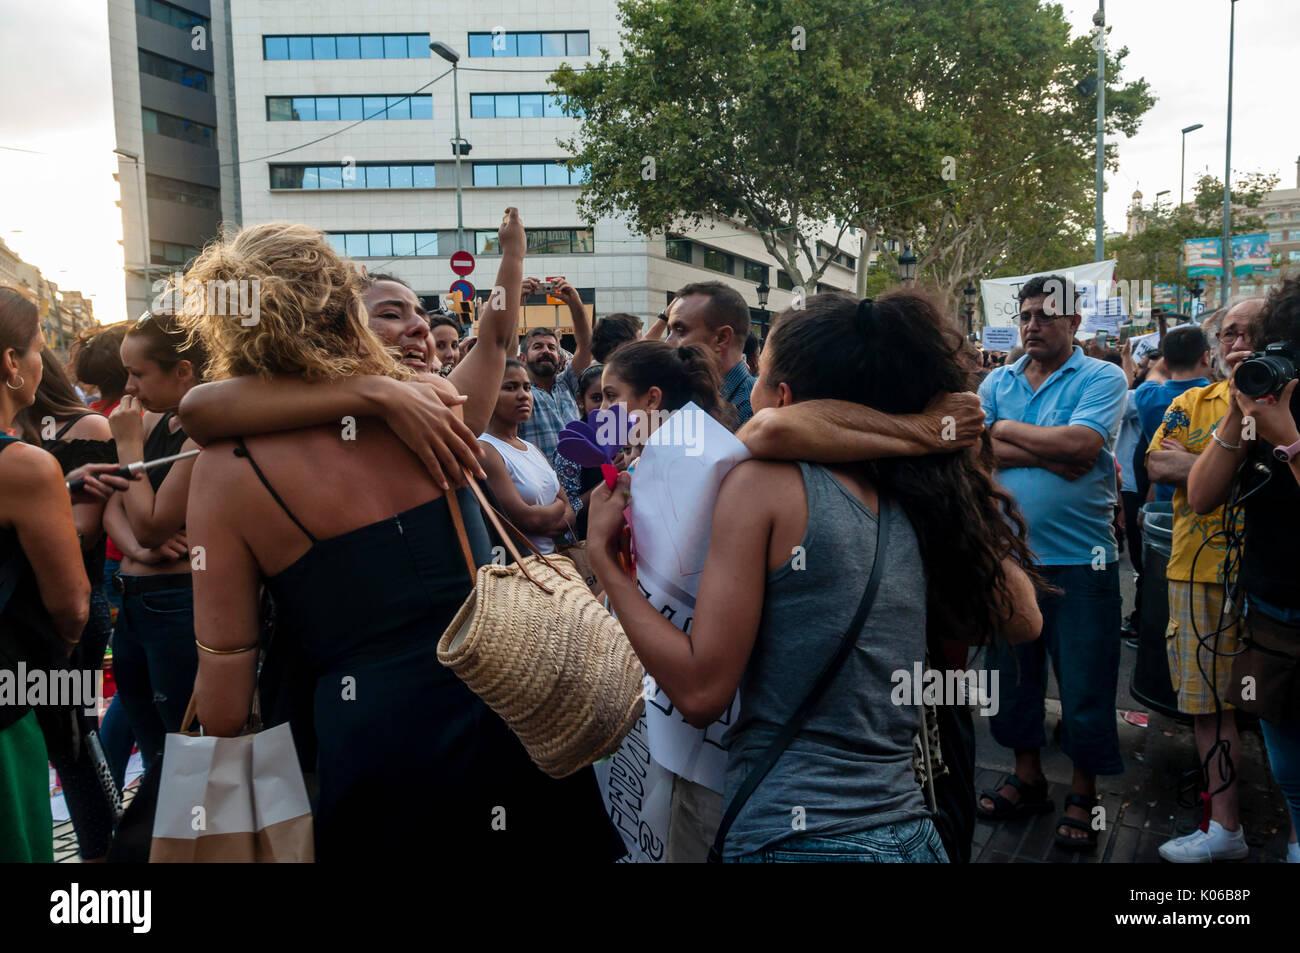 Barcelone, Spain. Août 21, 2017. Des milliers de personnes appartenant à quelque 150 musulmans et non musulmans d'organismes et d'associations à Barcelone se sont concentrées sur la Plaça de Catalunya, dans la capitale catalane le lundi à rejeter les attaques qui ont eu lieu jeudi dernier (17 août 2017) à Barcelone et Cambrils au cri de pas en mon nom, et nous n'avons pas peur. Crédit: Jose Francisco Cortes Pelay/Alamy Live News Banque D'Images